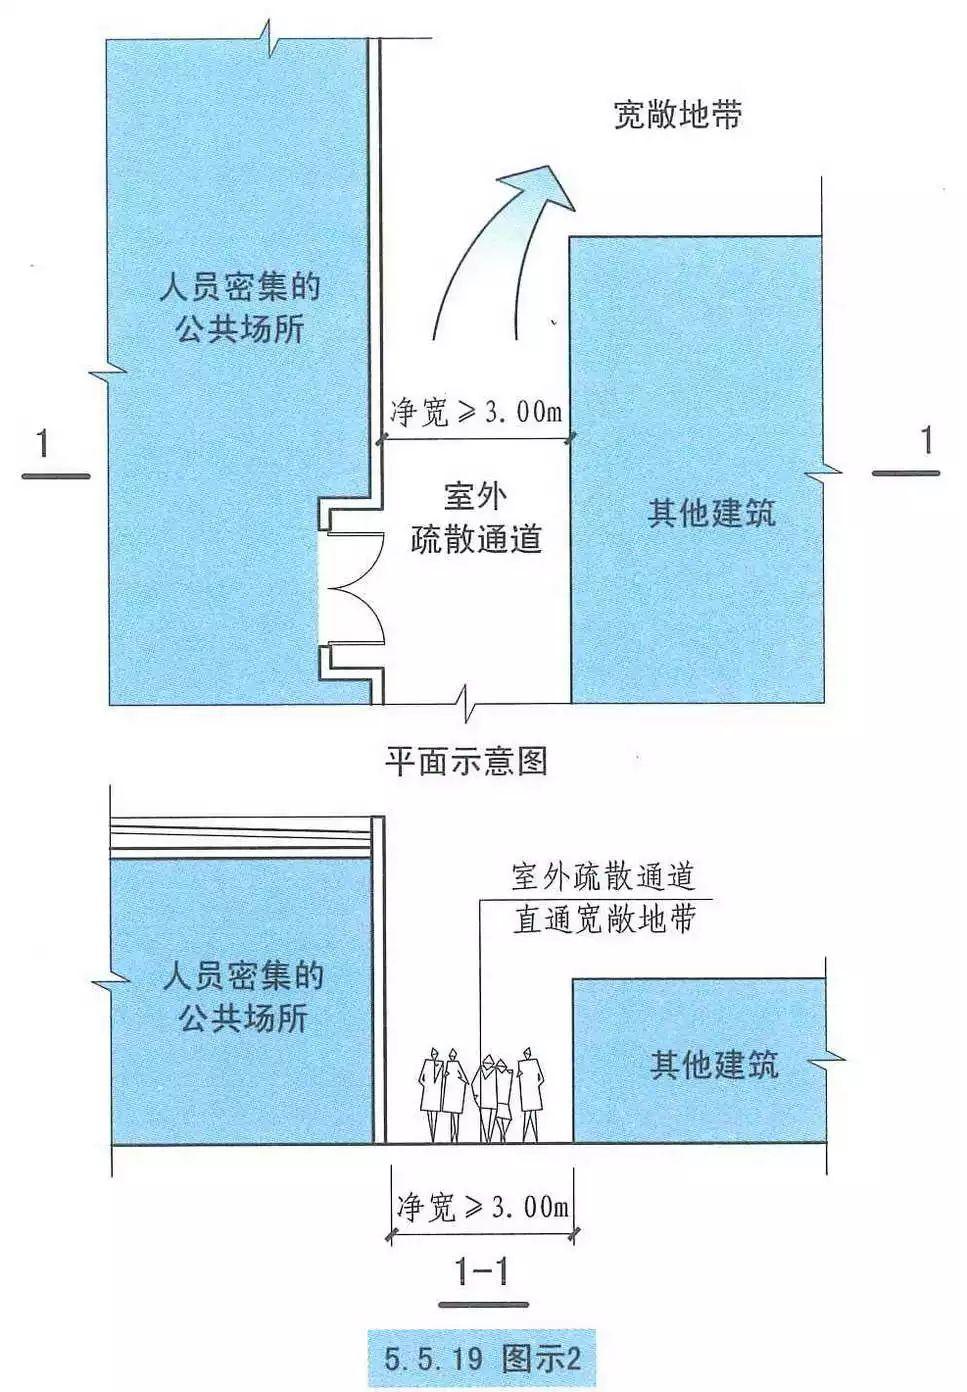 【建筑设计v红薯规范】a红薯疏散和避难红薯粉条加工厂设计图